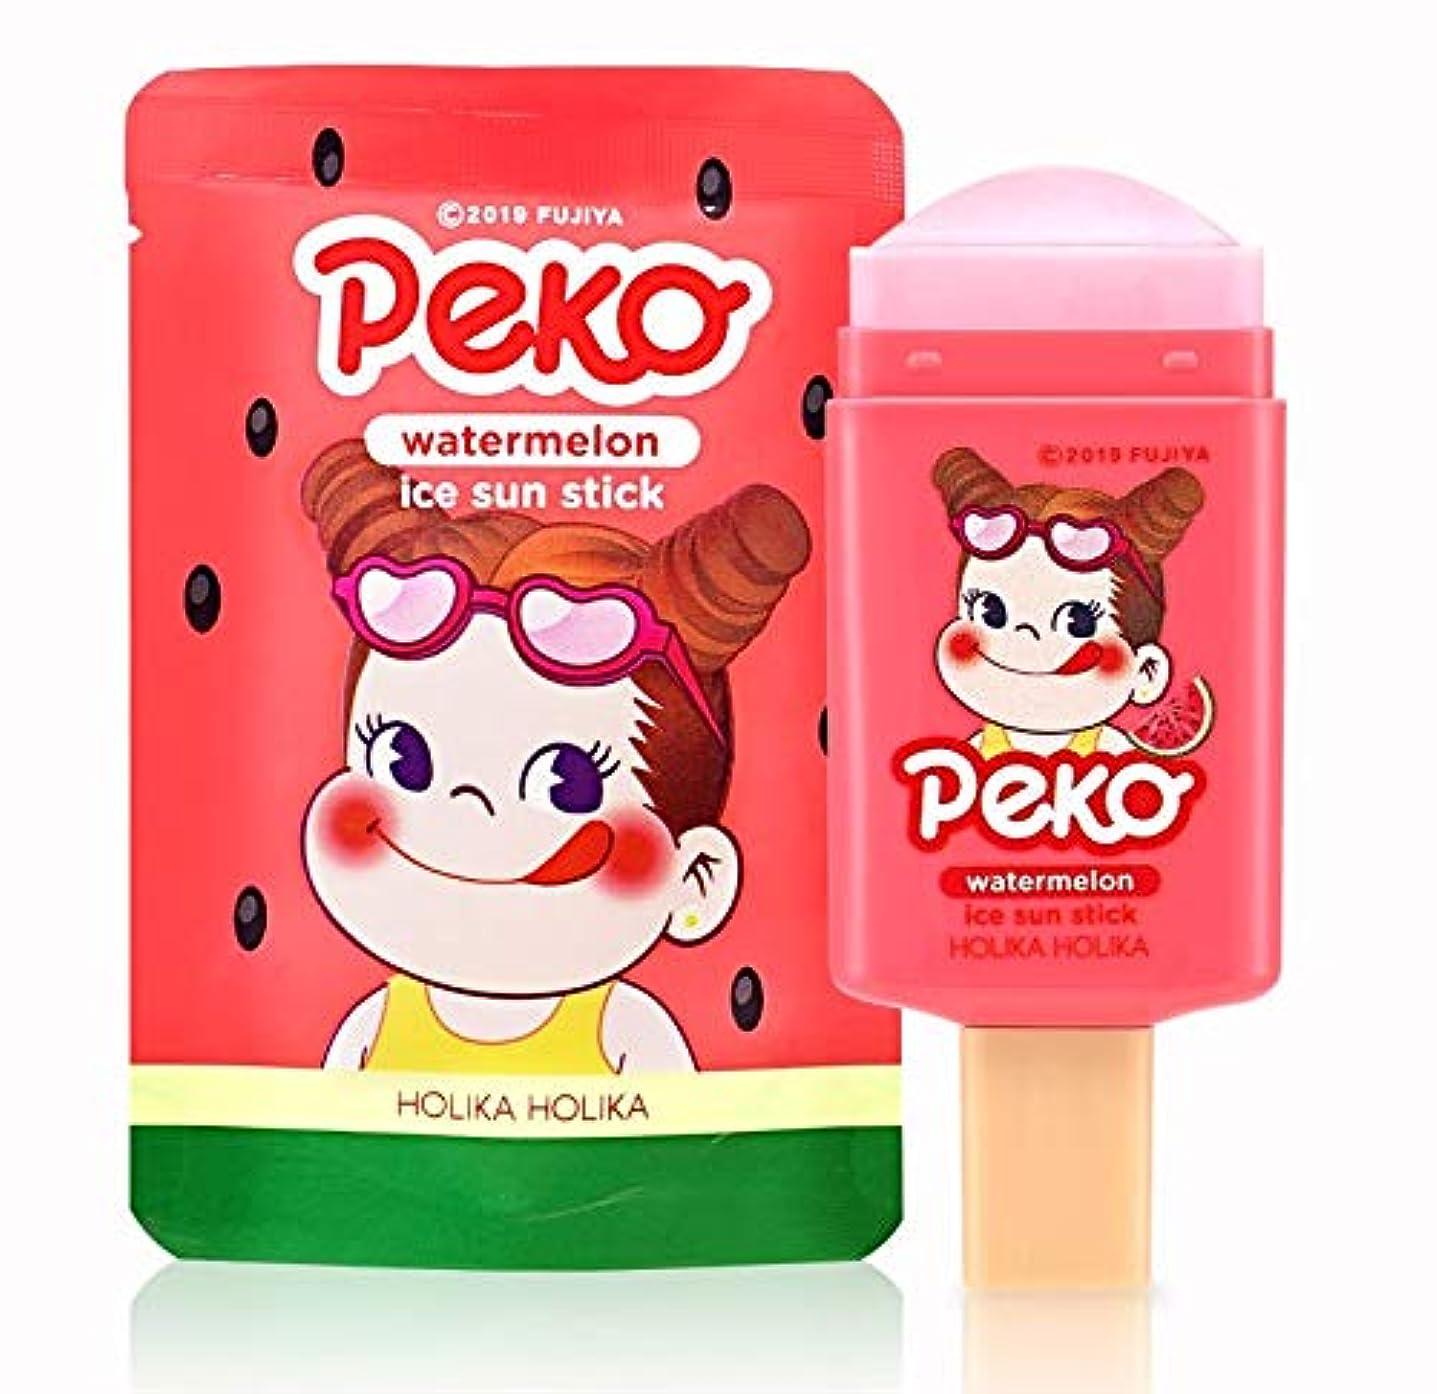 ゴージャスポータブル地質学ホリカホリカ [スイートペコエディション] スイカ アイス サン スティック 14g / Holika Holika [Sweet Peko Edition] Watermellon Ice Sun Stick SPF50...